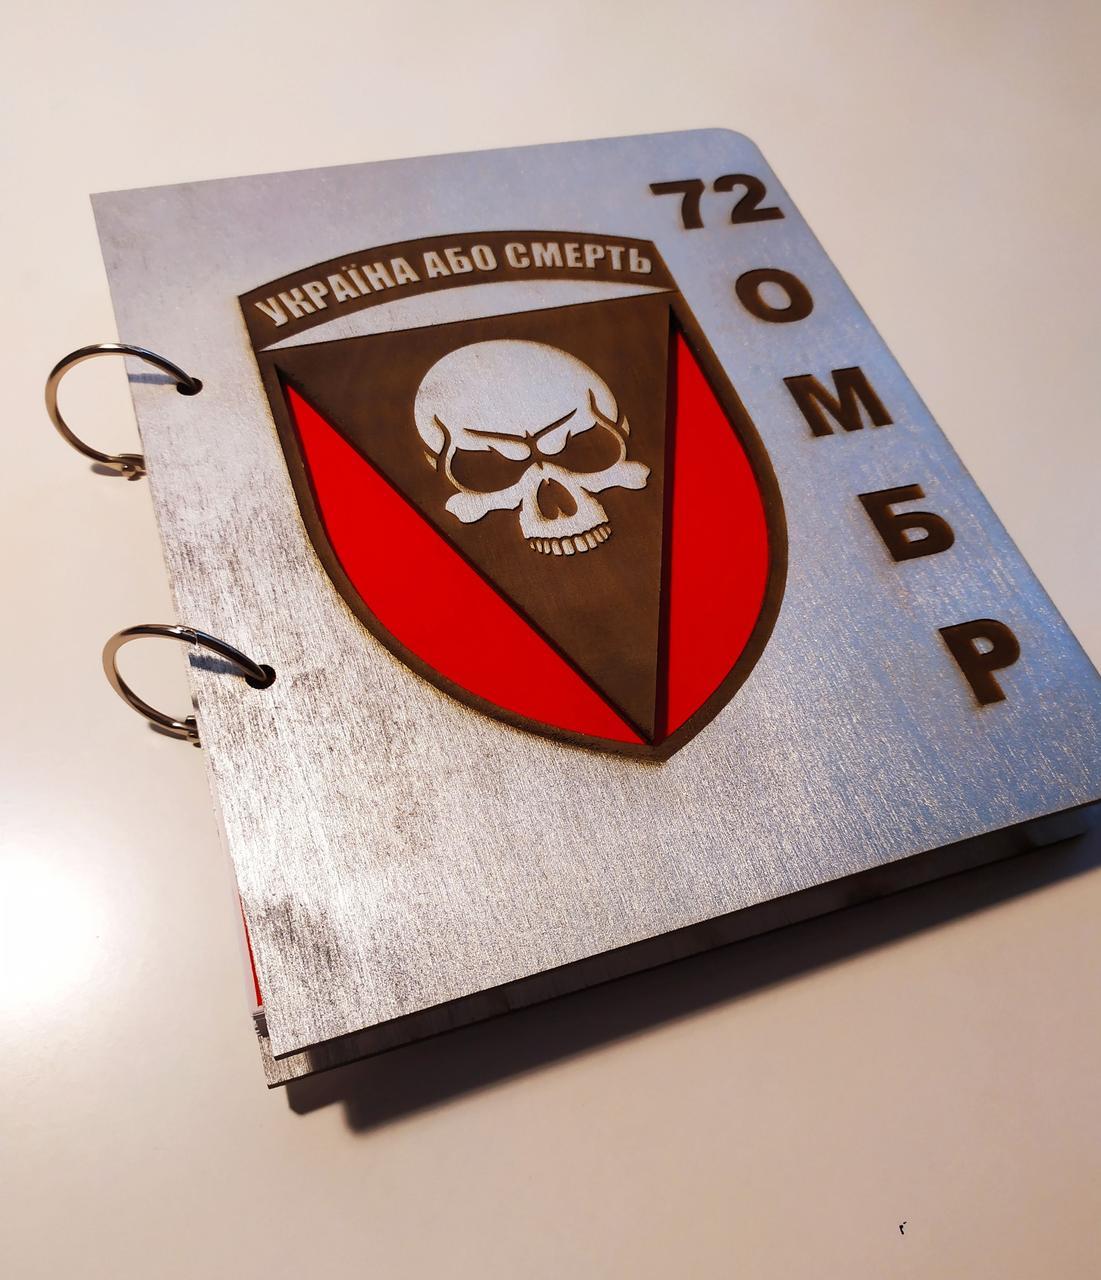 """Дерев'яний блокнот """"Шеврон 72 ОМБР"""" (на кільцях з ручкою), щоденник з дерева"""